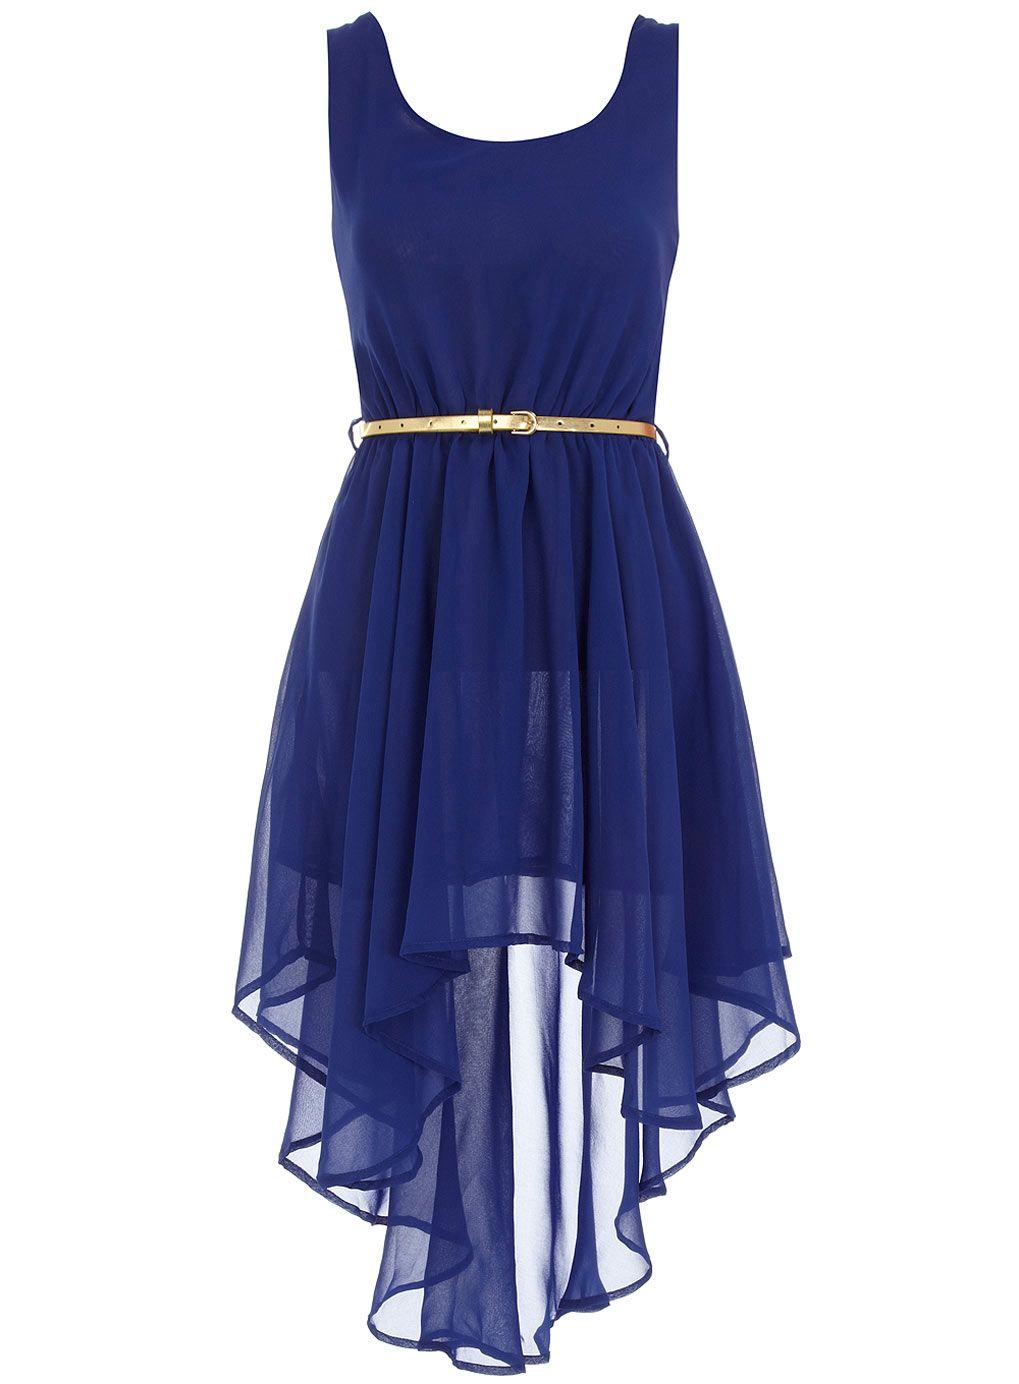 Pin by imani blockx on beautiful stuff pinterest royal blue